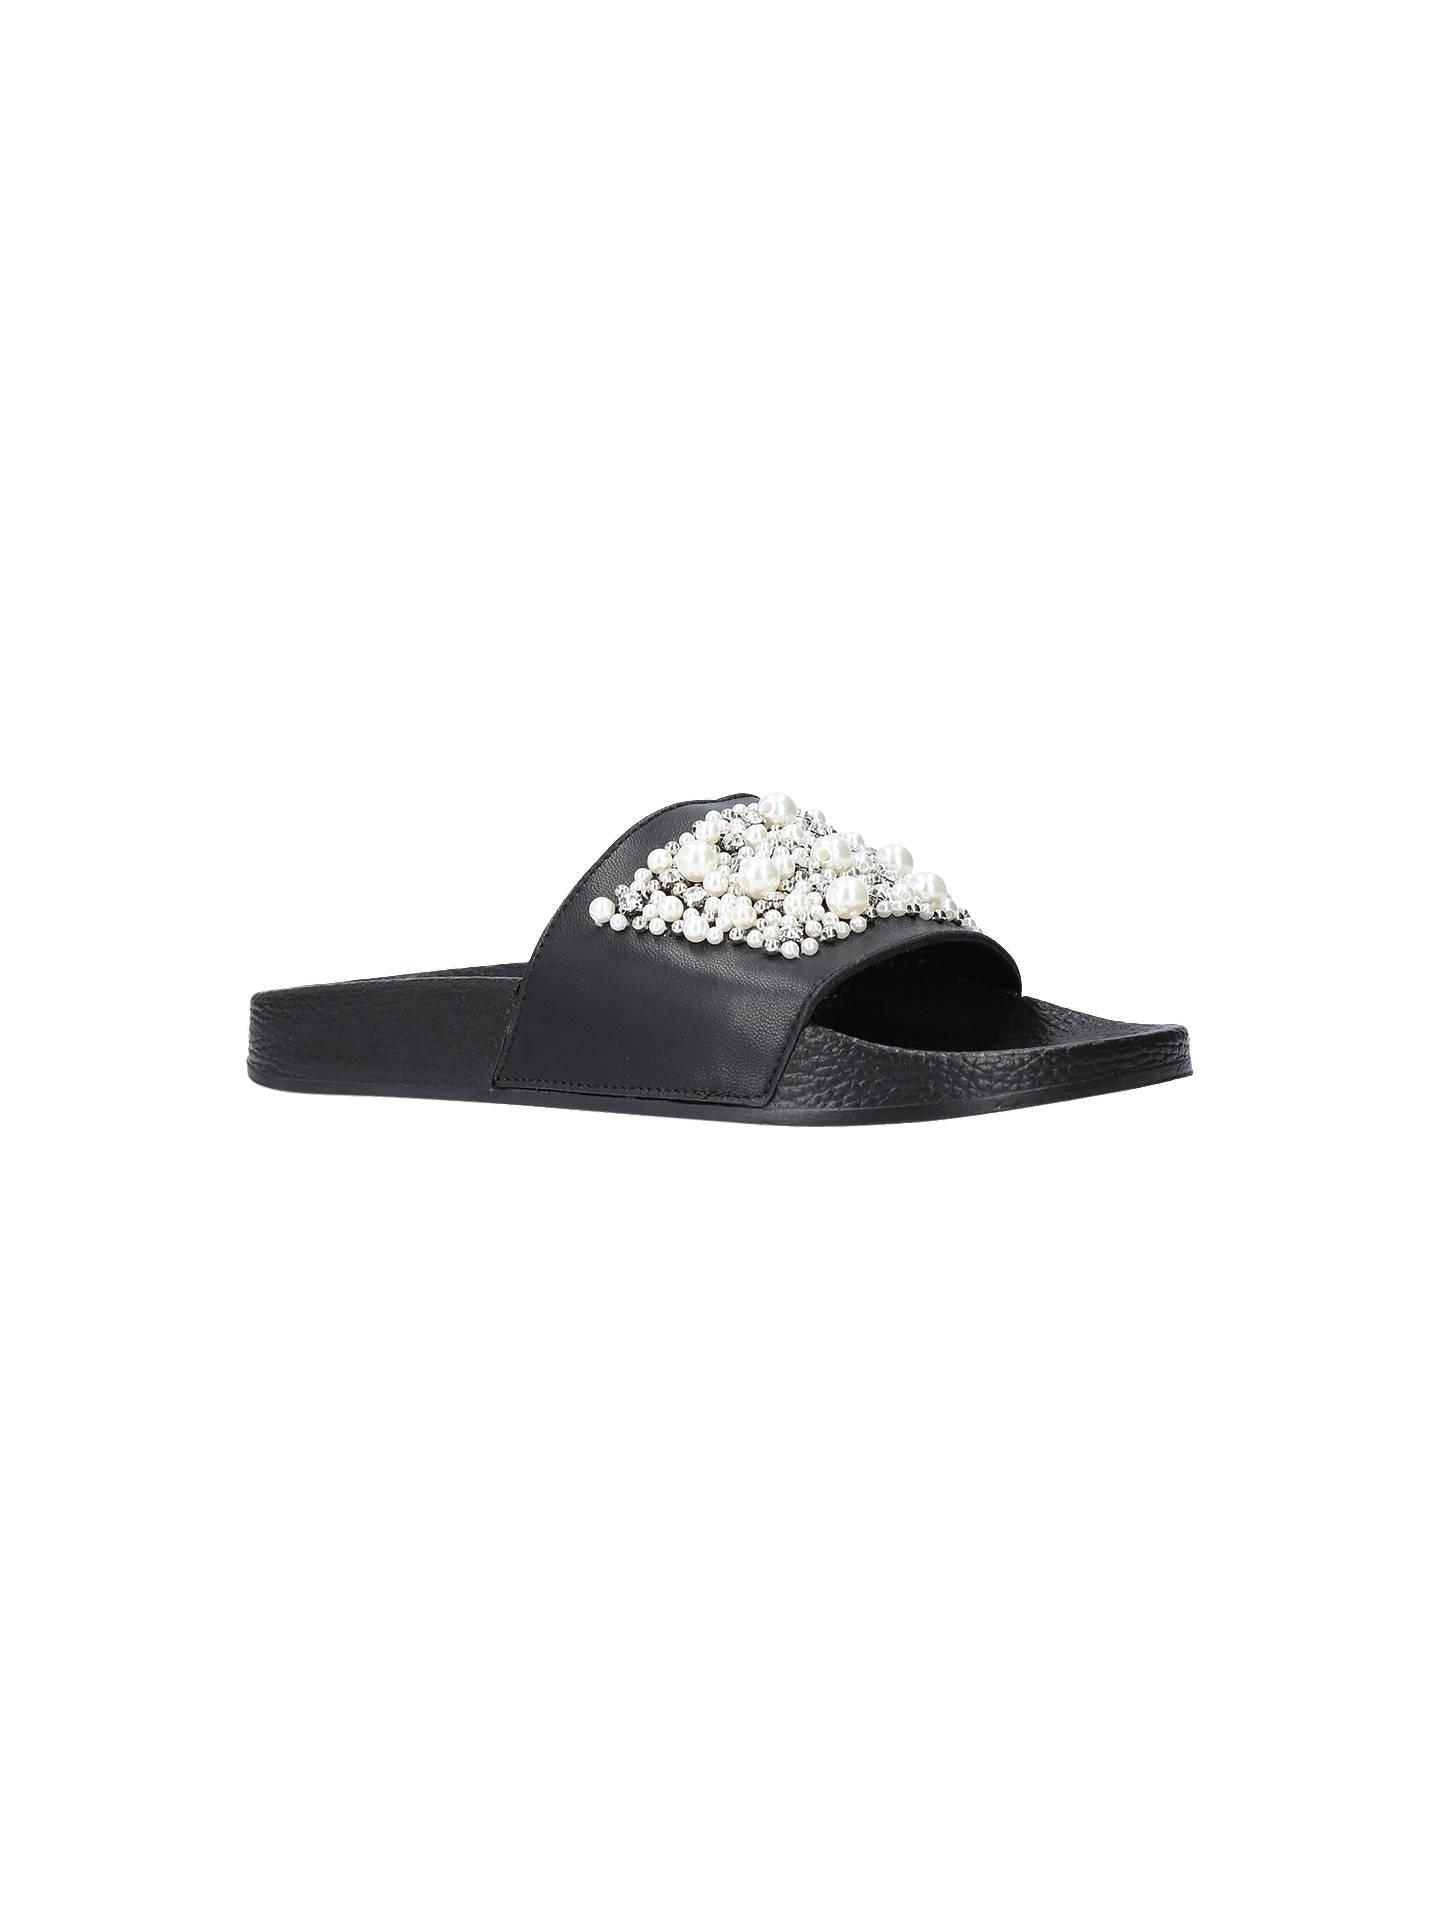 5957cef75a2f3 Carvela Kirsty Embellished Slider Sandals at John Lewis   Partners